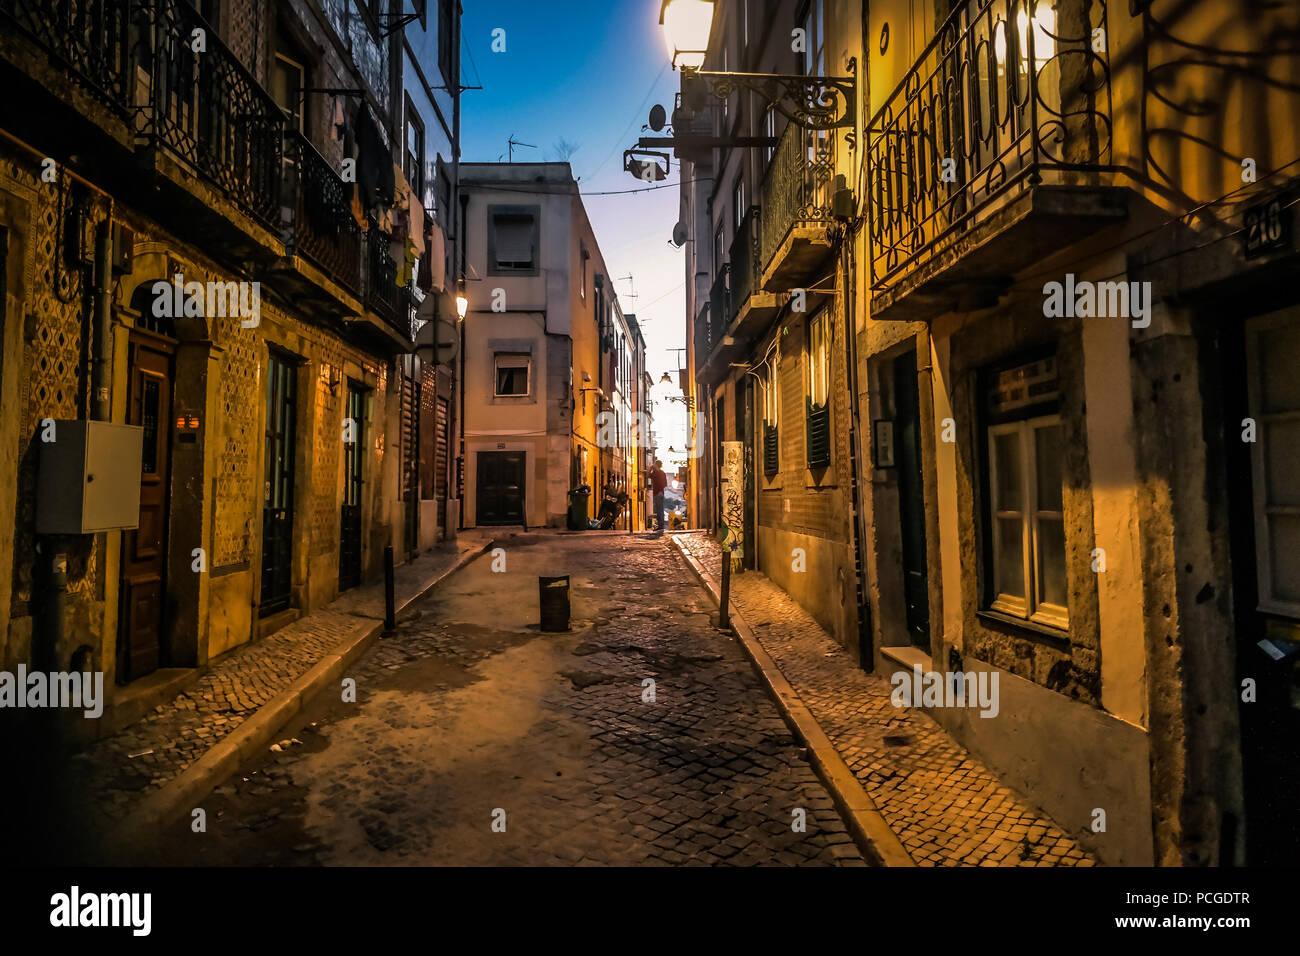 Lisbonne. Une rue dans le Bairro Alto de nuit. Photo Stock